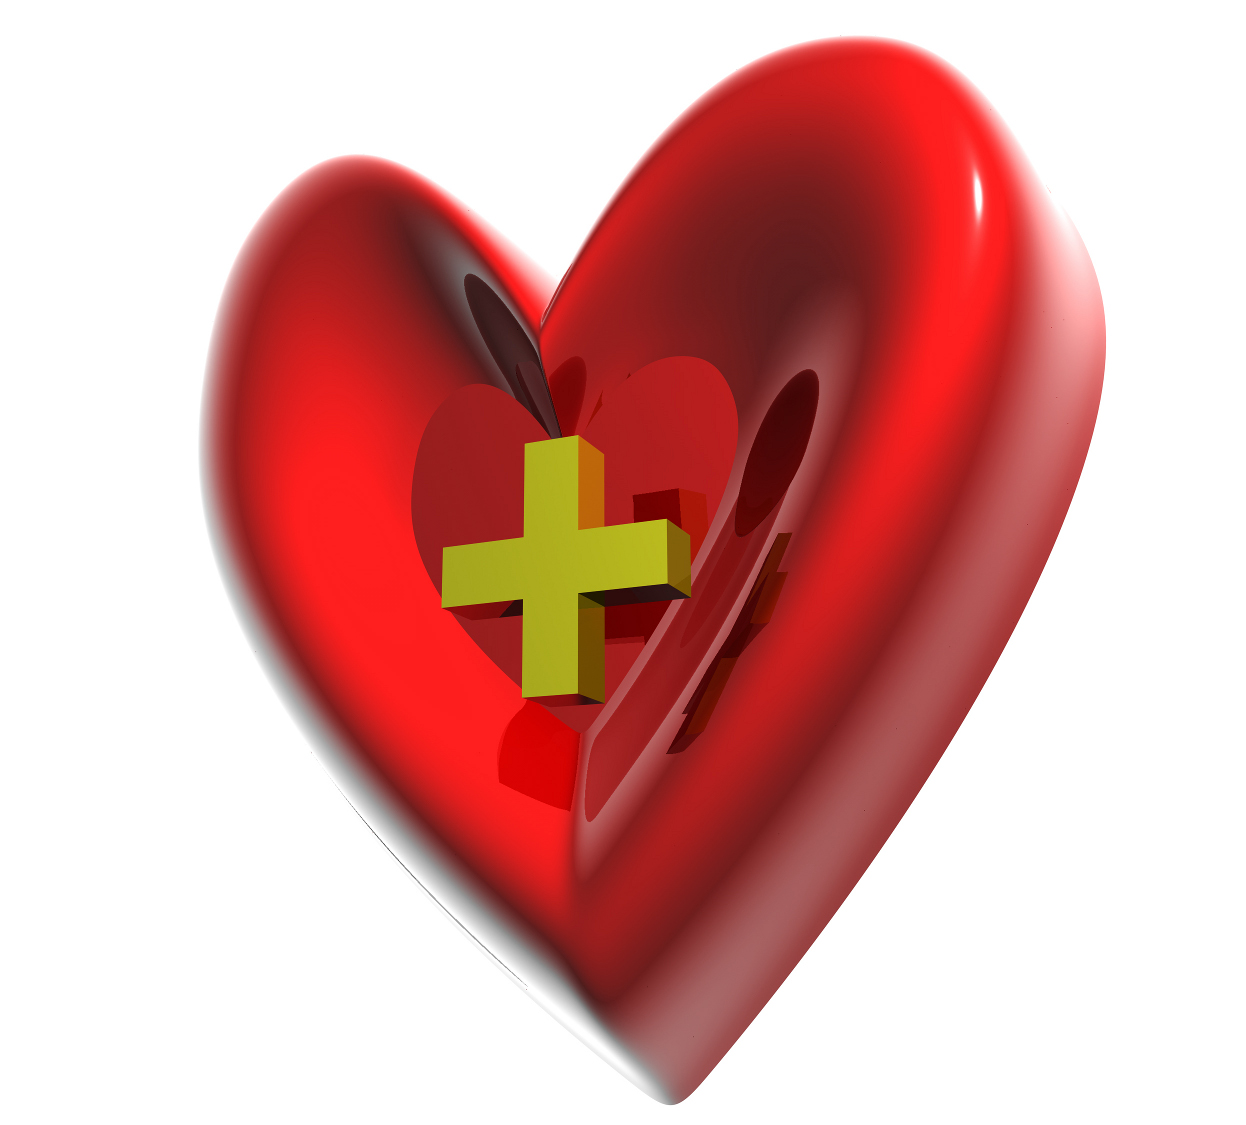 Esencial Hipertensión Arterial Sintomas aplicaciones de teléfonos inteligentes